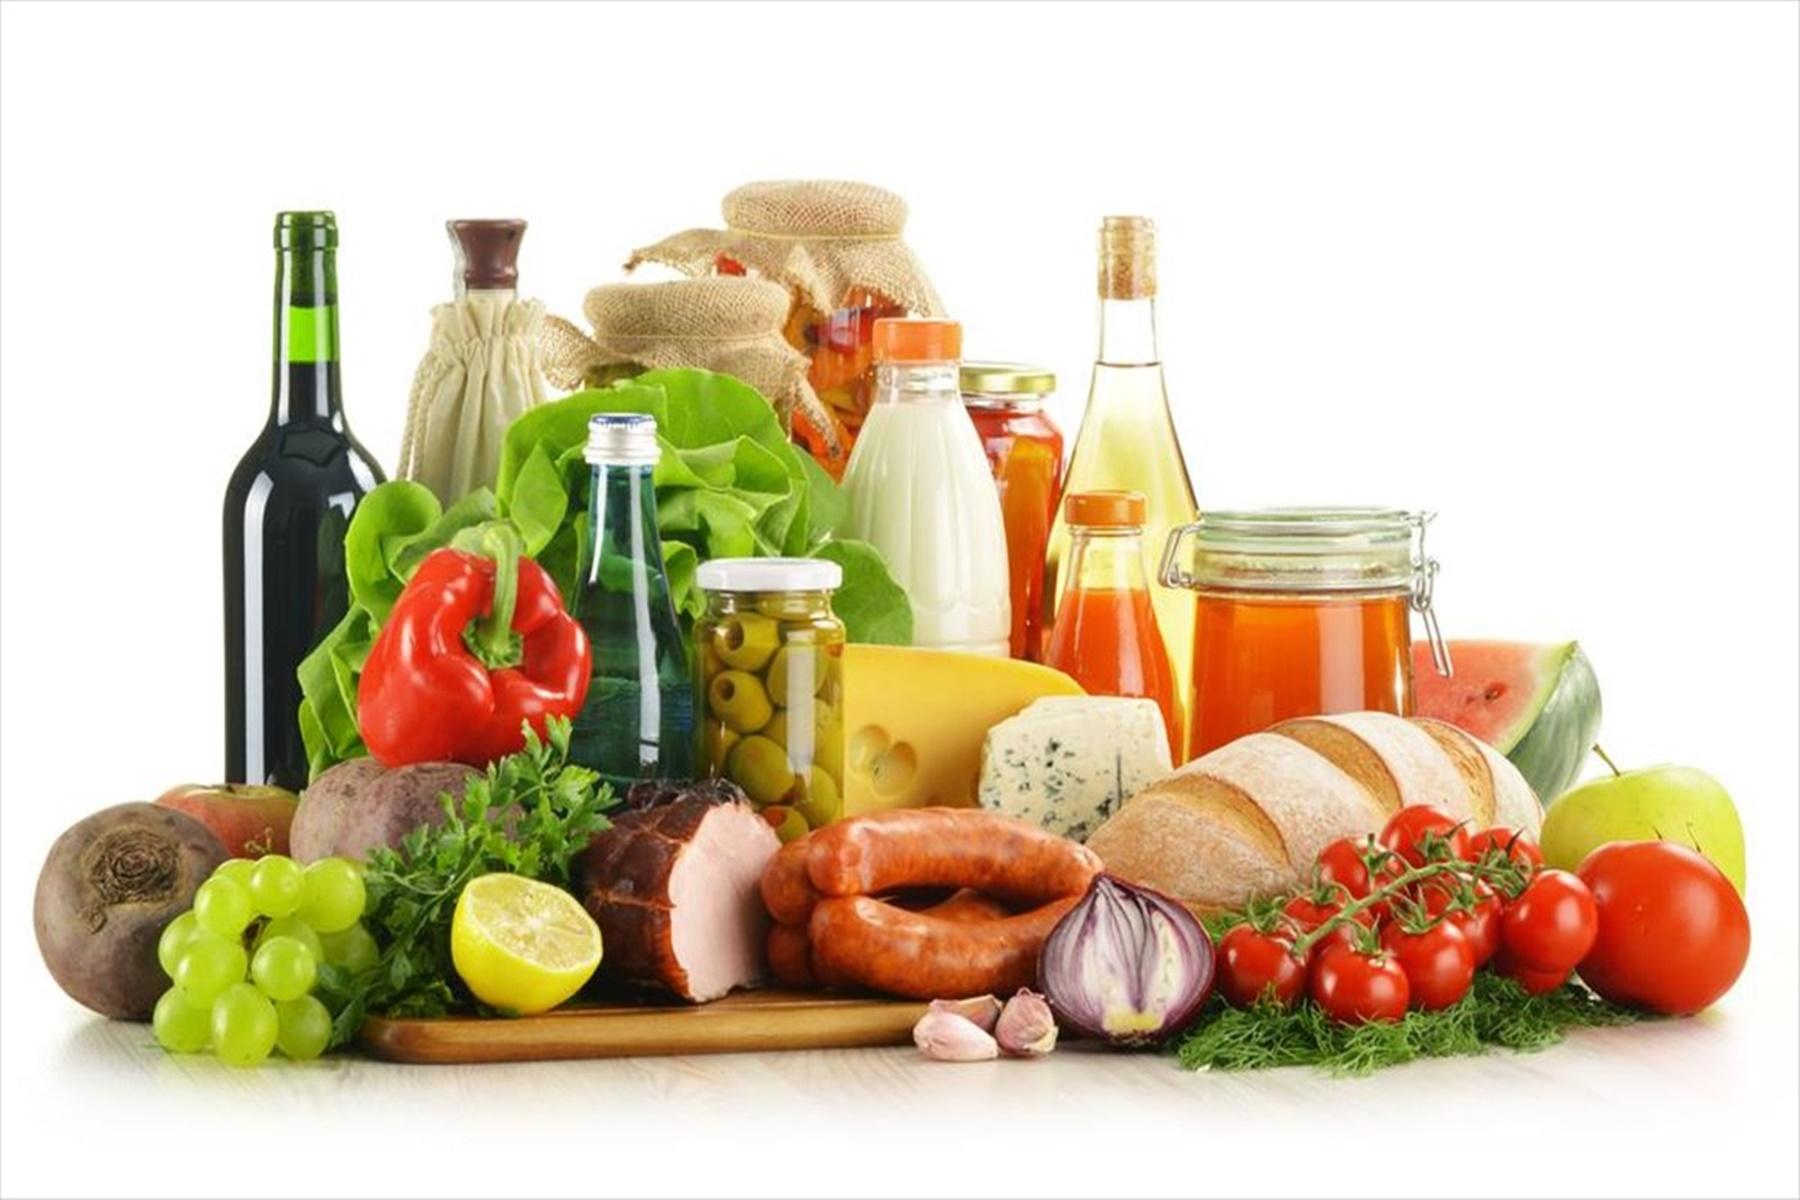 Διατροφή : Η ζωτικότητα στην αύξηση του προσδόκιμου ζωής